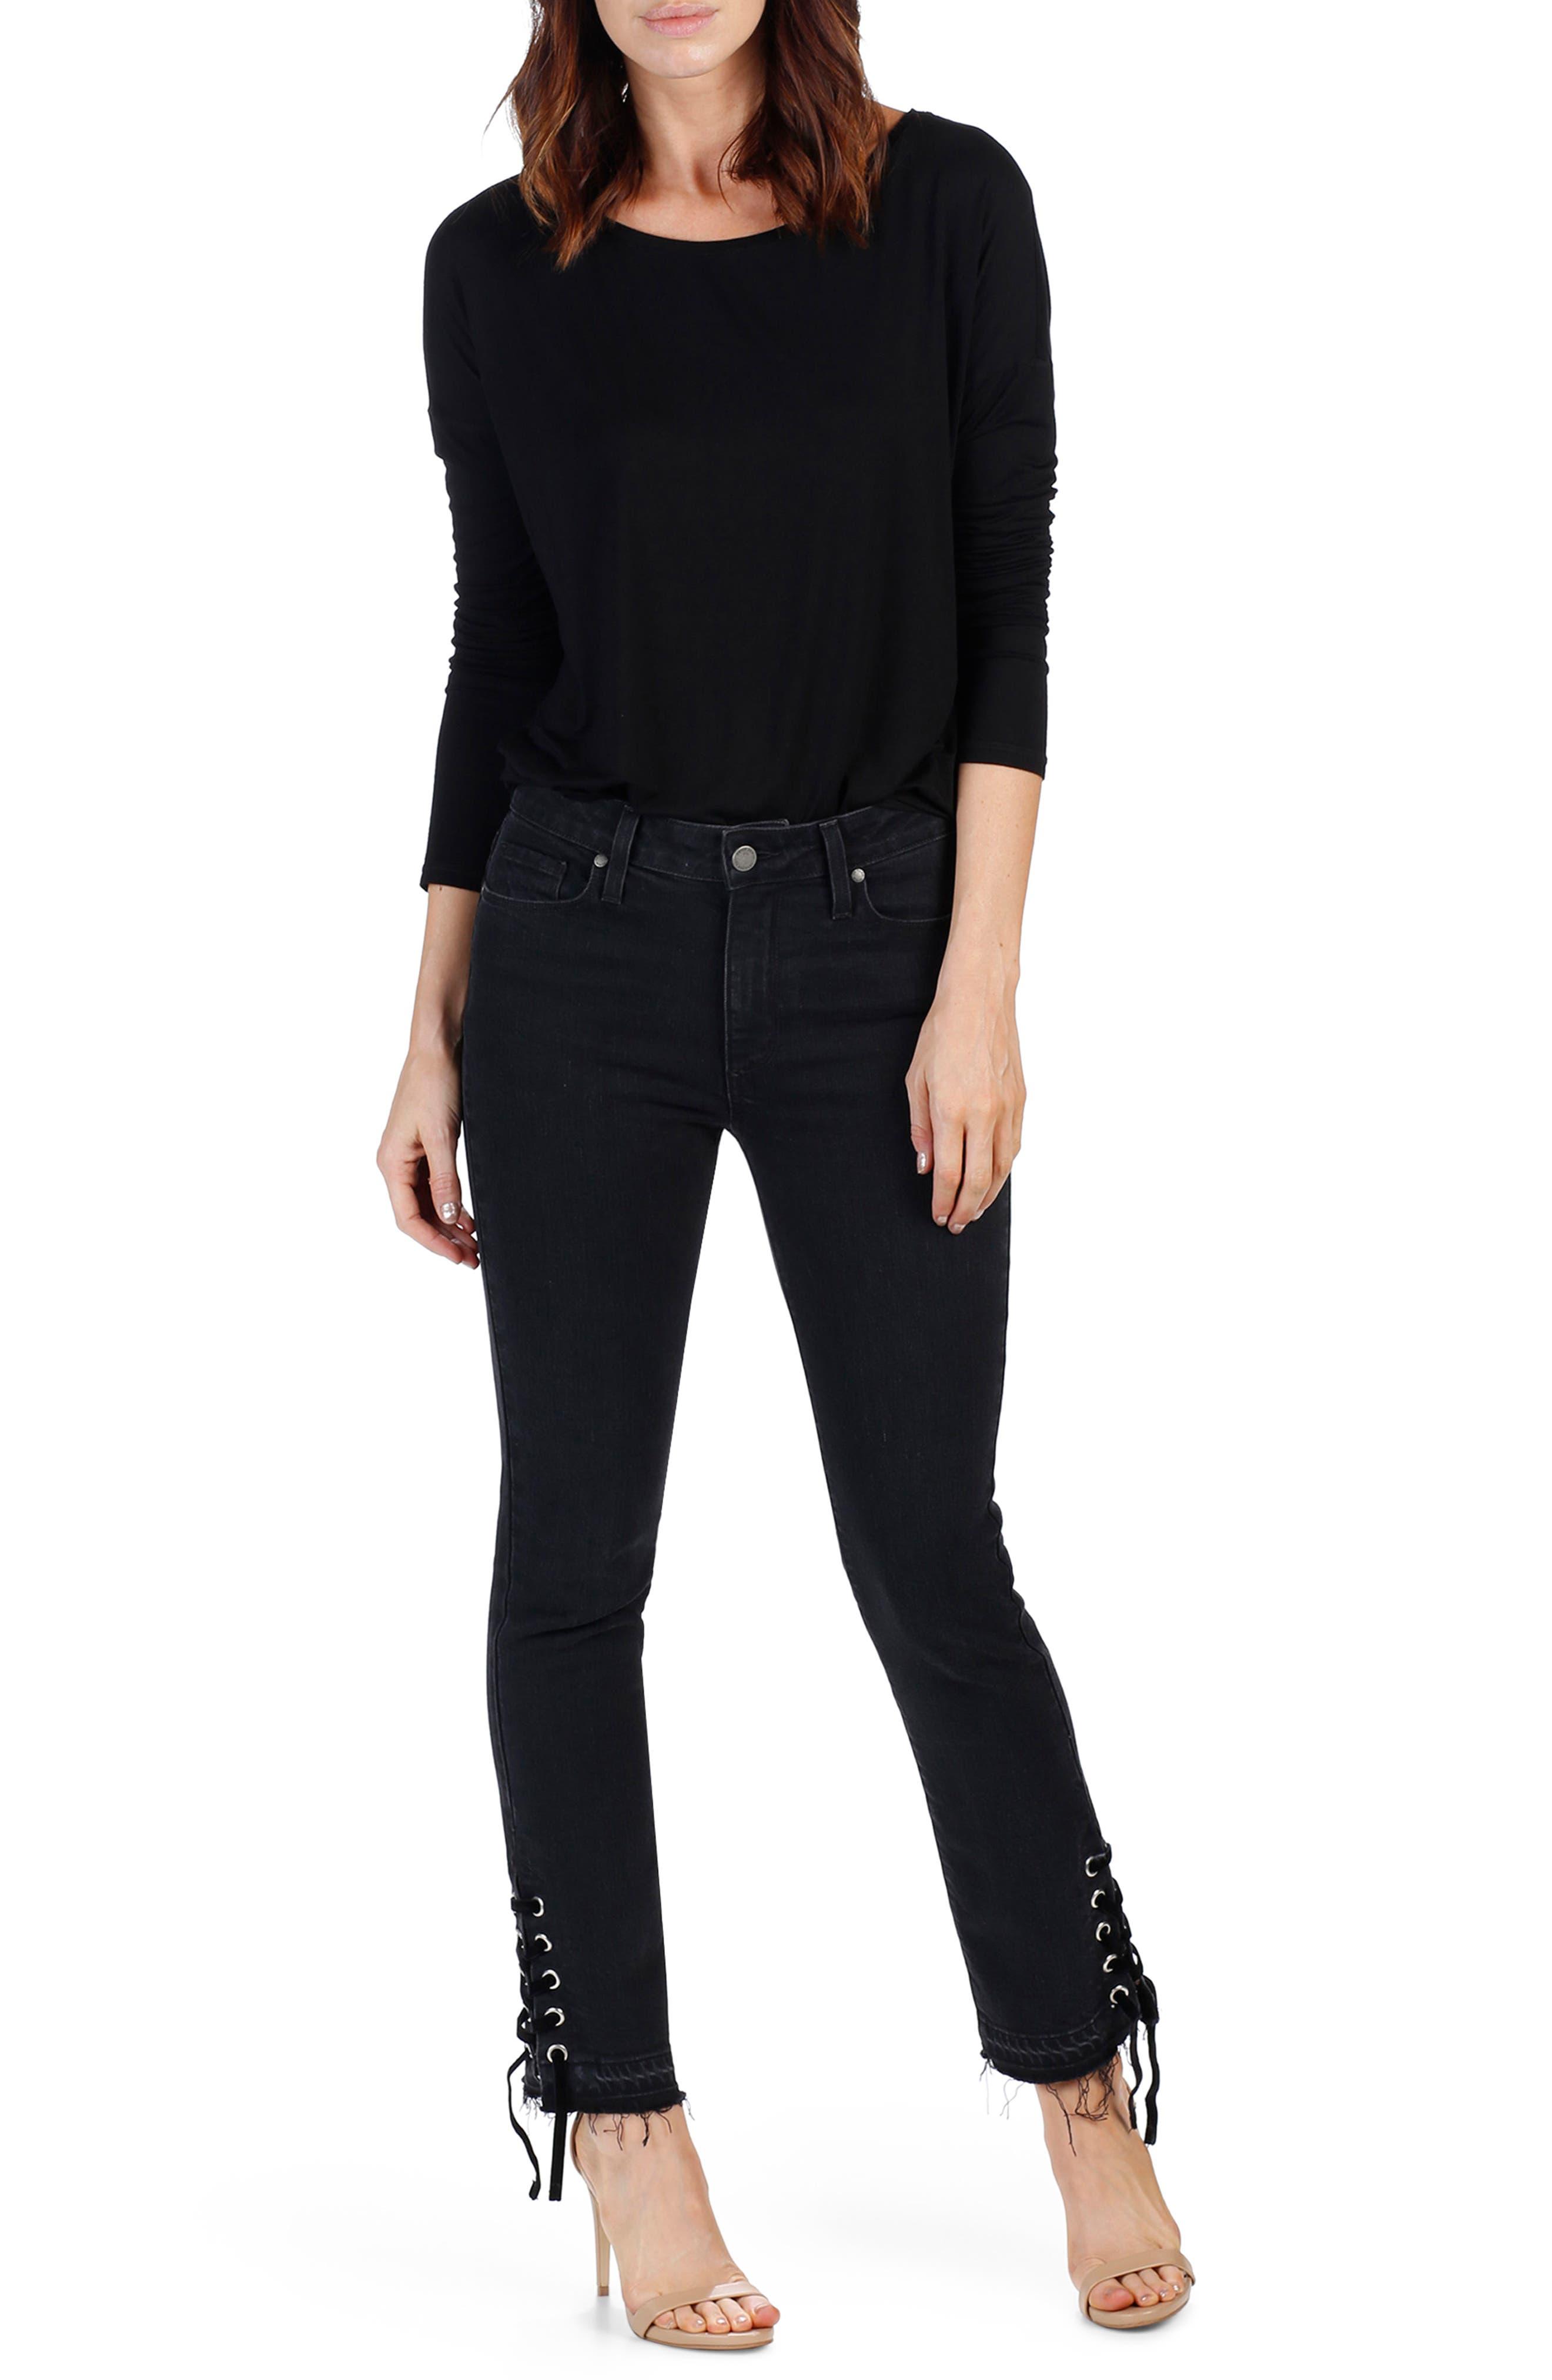 Jacqueline High Waist Straight Leg Jeans,                             Alternate thumbnail 2, color,                             Lacey Noir